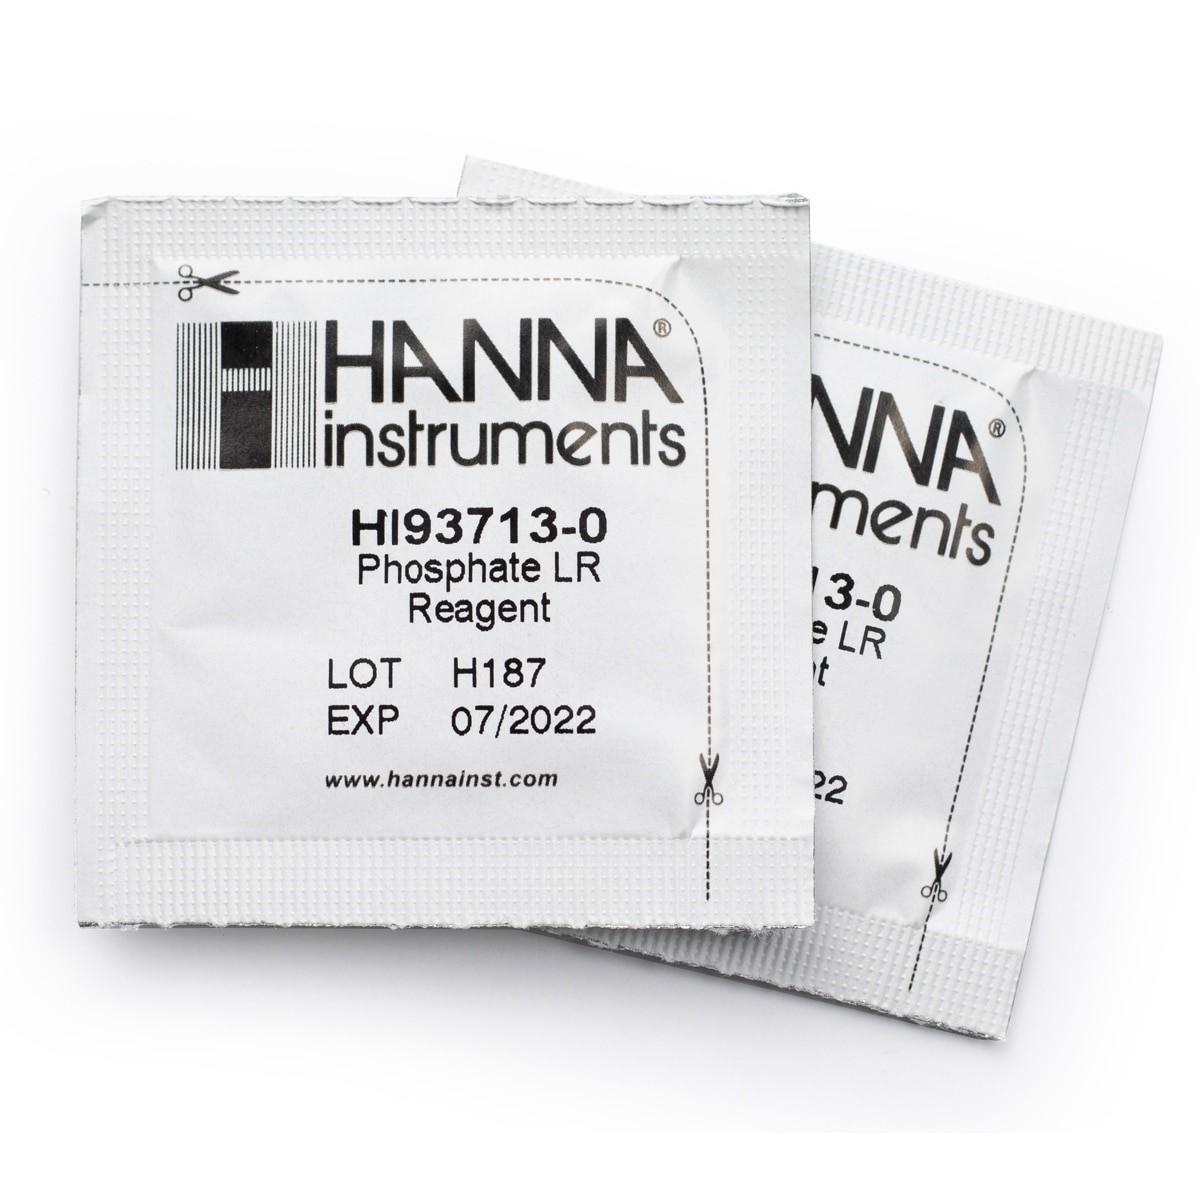 HI93713-03 Phosphate Low Range Reagents (300 tests)